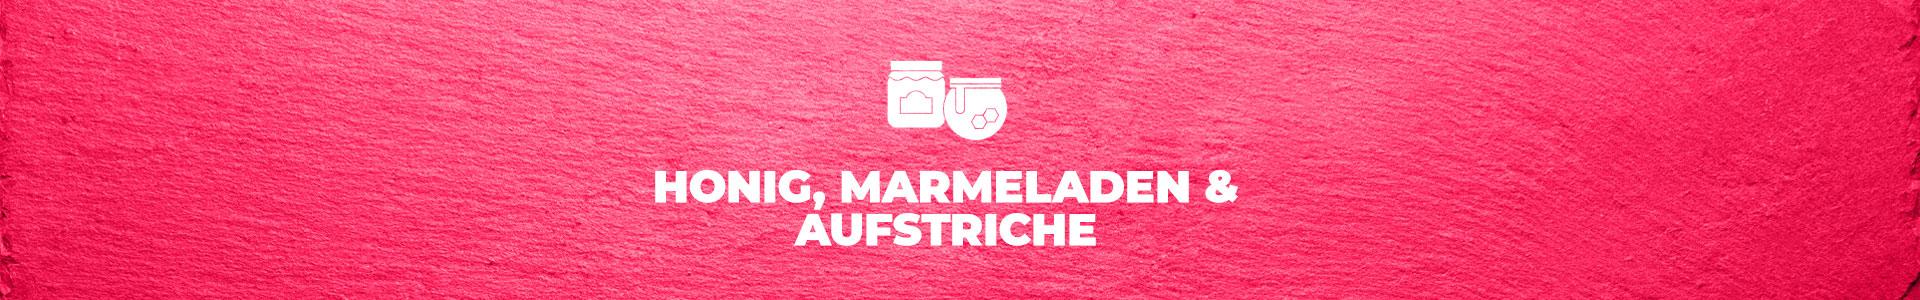 Honig, Marmeladen & Aufstriche